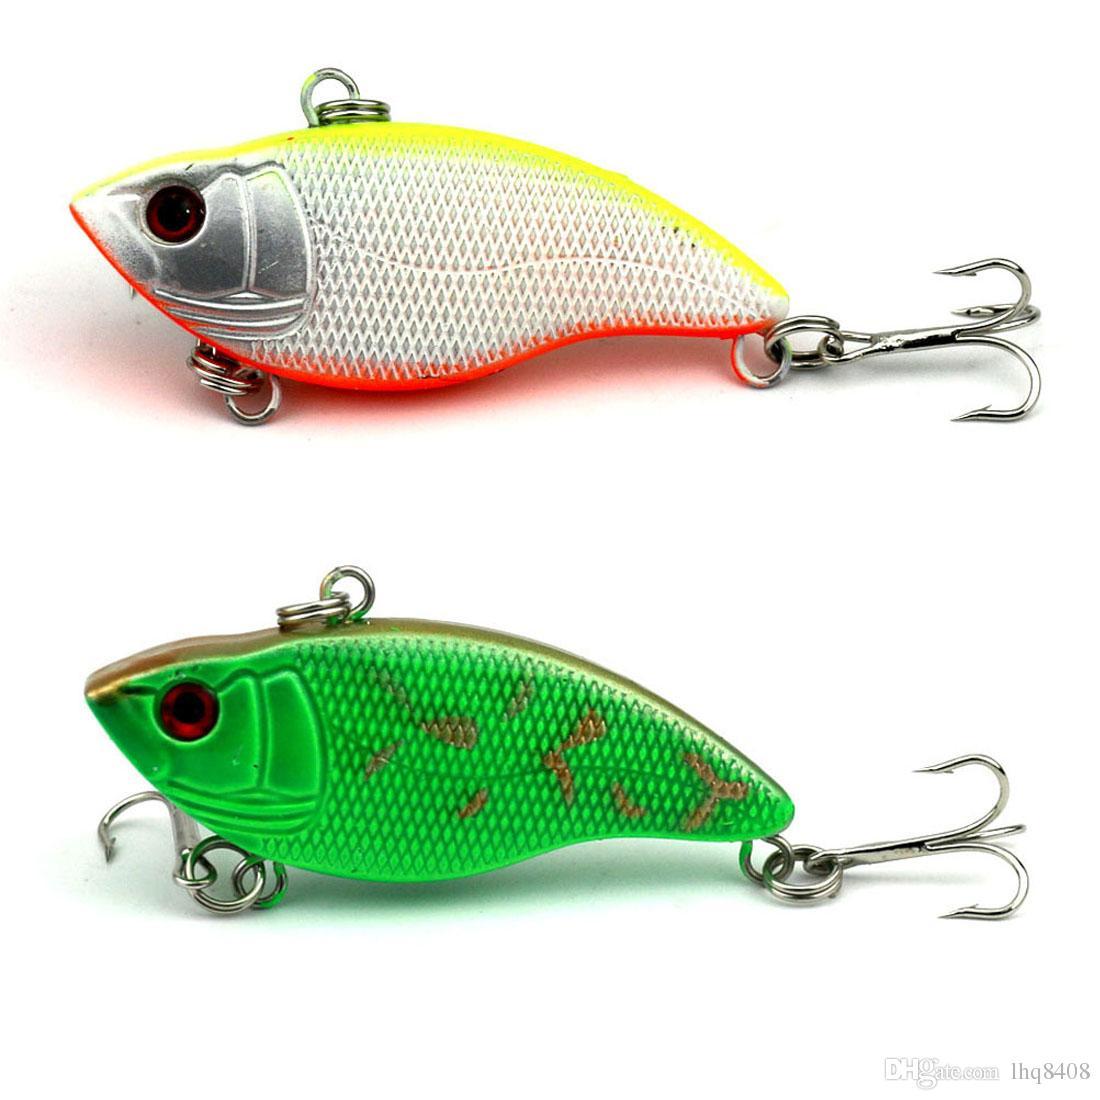 Новый дизайн живопись рыболовные приманки 5.5 см / 2.16 в 9.1 г / 0.35 унций Vib приманки 5 цвет Crankbait рыболовные снасти